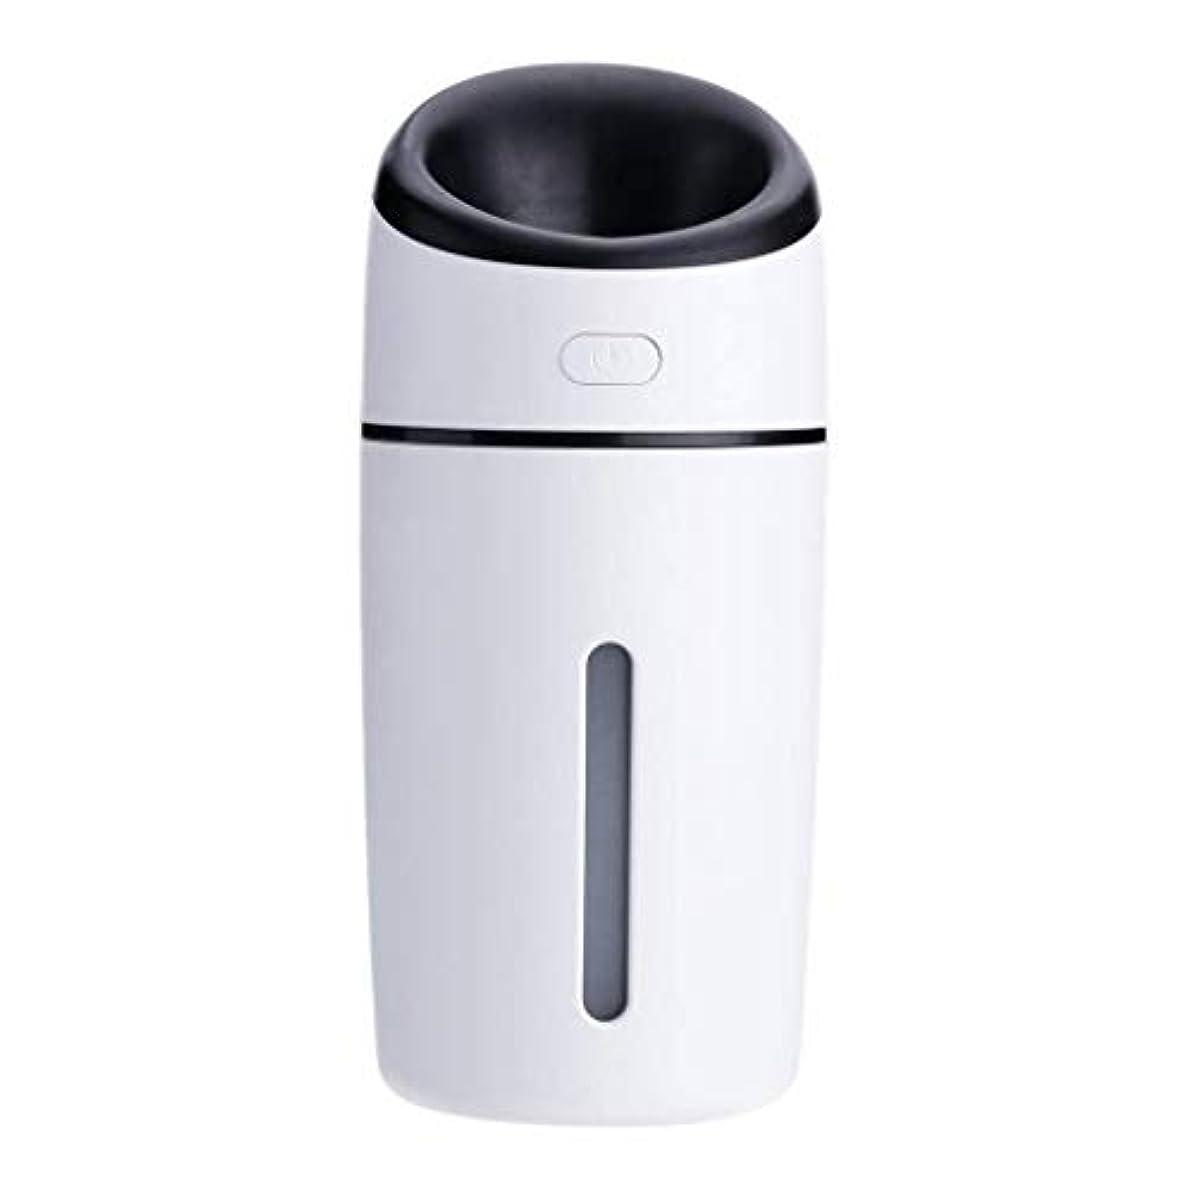 通信する合体オーバーラン加湿器、超音波洗浄空気清浄機、7色LEDライト、無水自動アロマテラピーマシン、ホームオフィスの寝室の車 (Color : 黒)